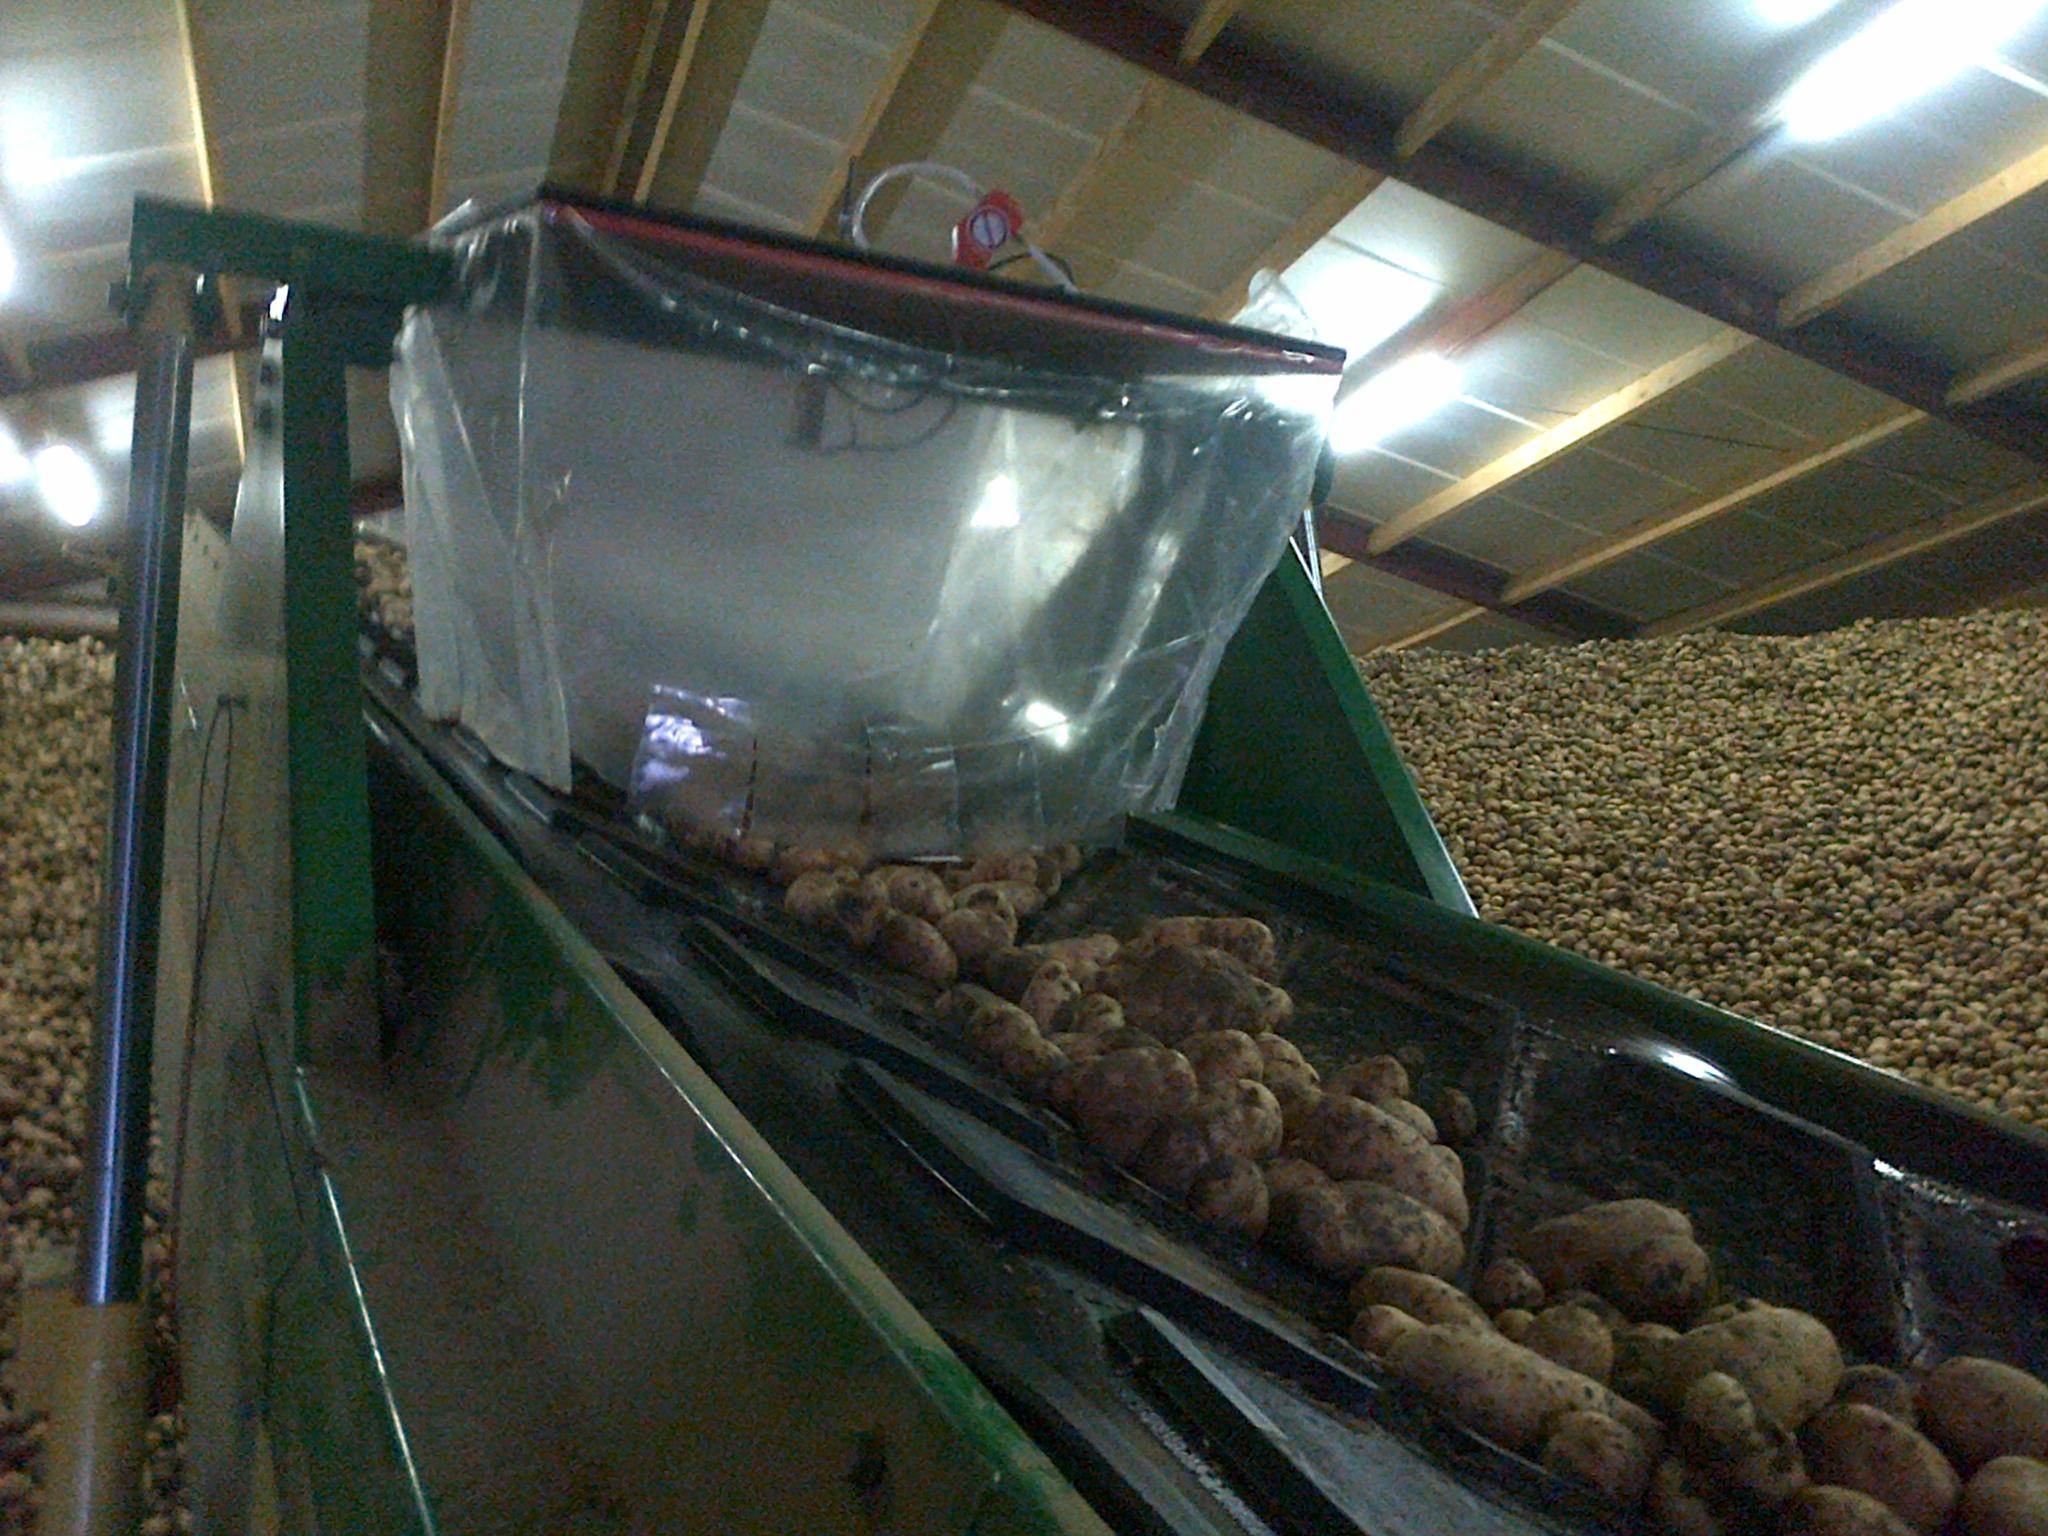 Traitement de la pomme de terre maladies de la pomme de terre with traitement de la pomme de - Traitement pomme de terre ...